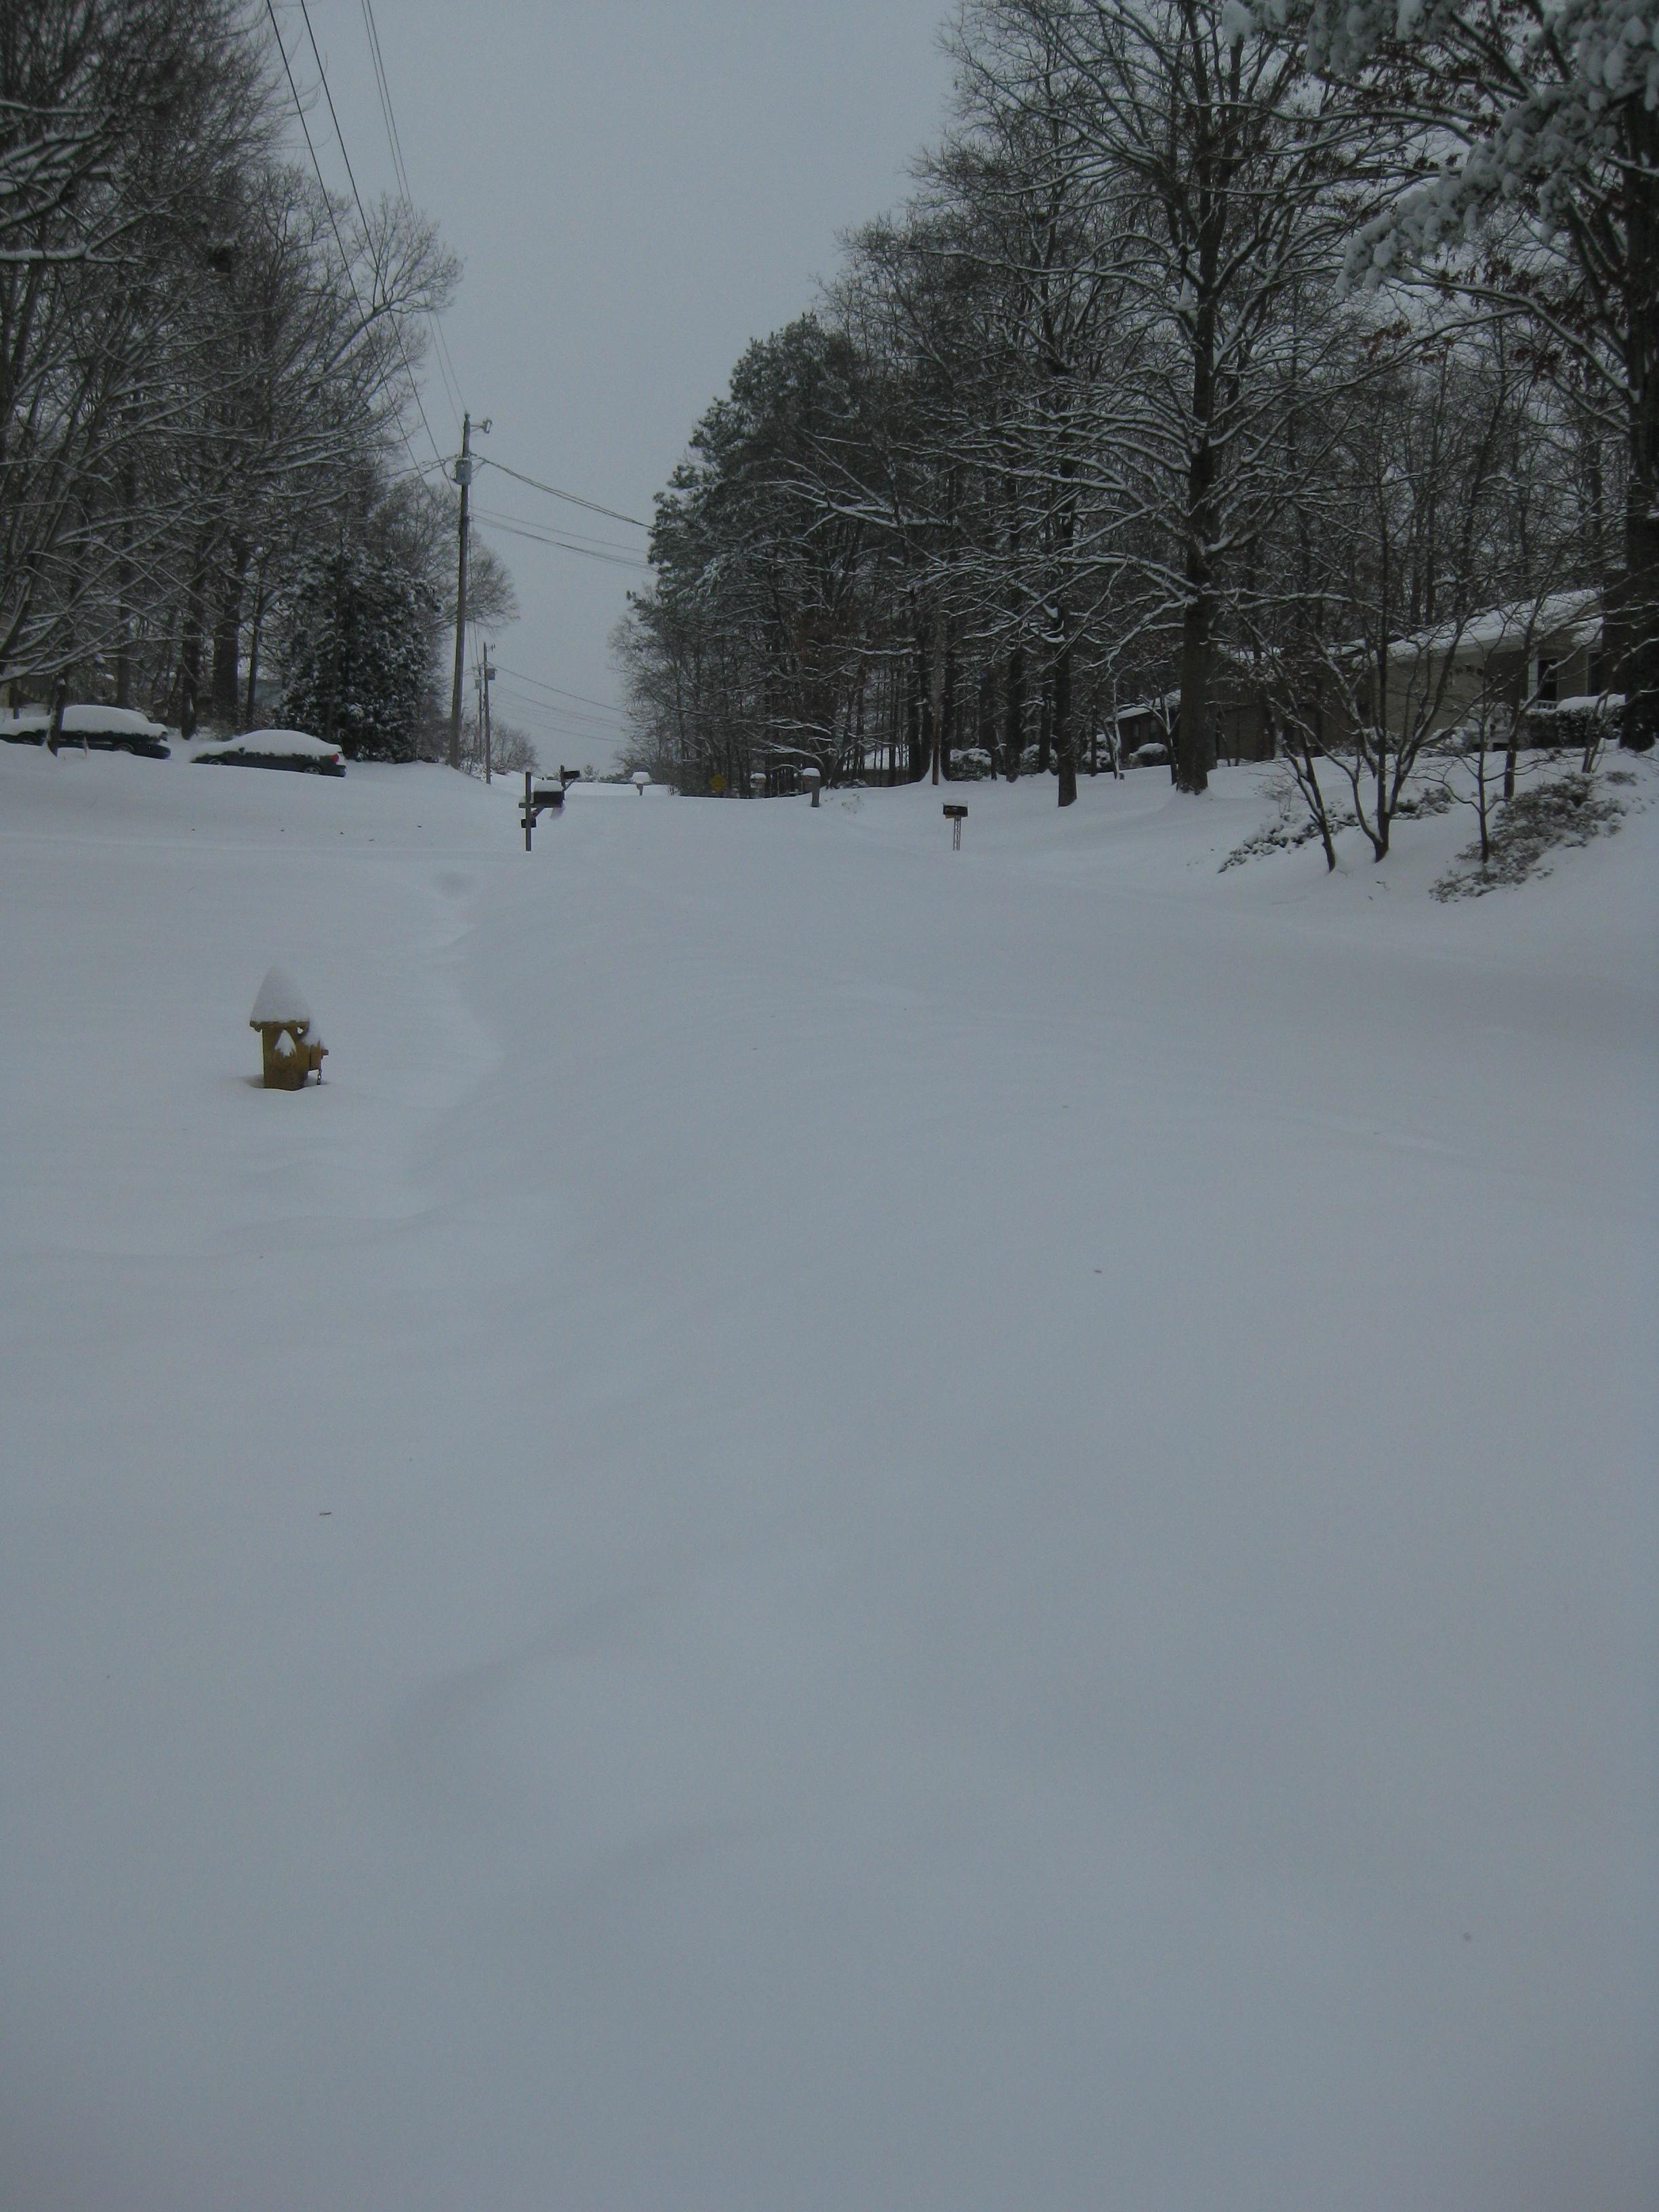 January 9-10, 2011 Major Winter Storm